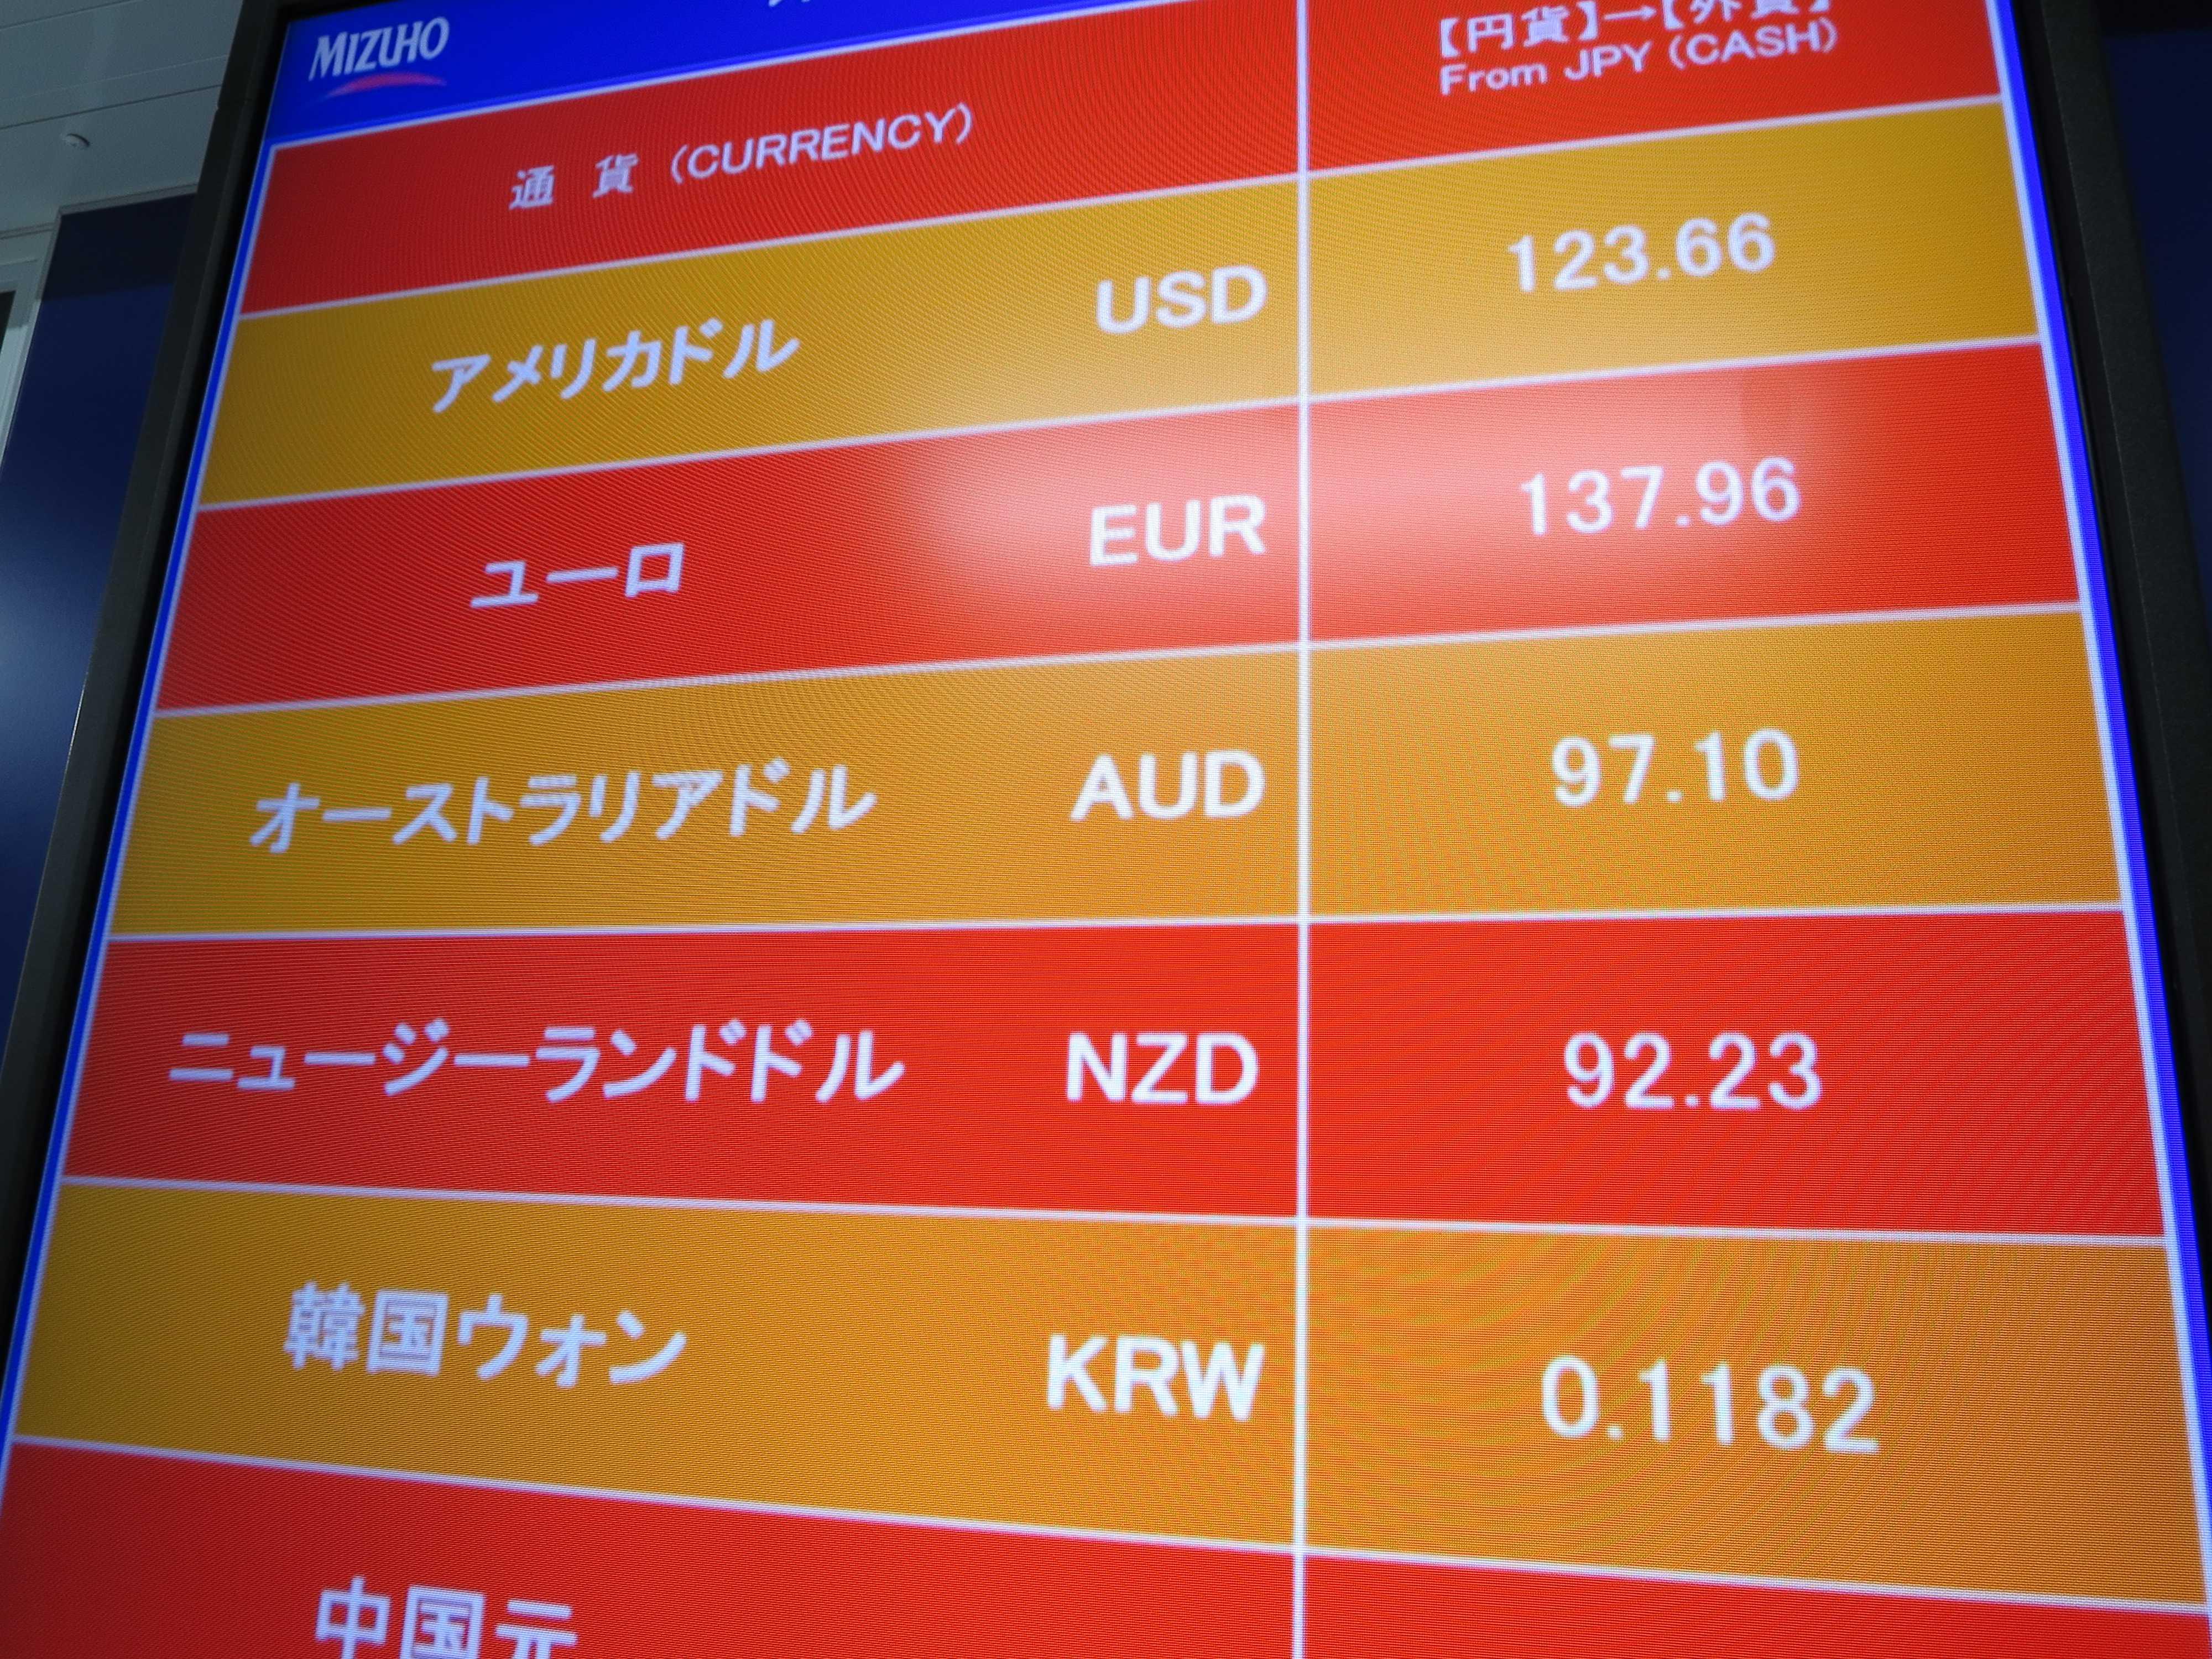 オーストラリアドル(AUD) 1ドル 97.10円